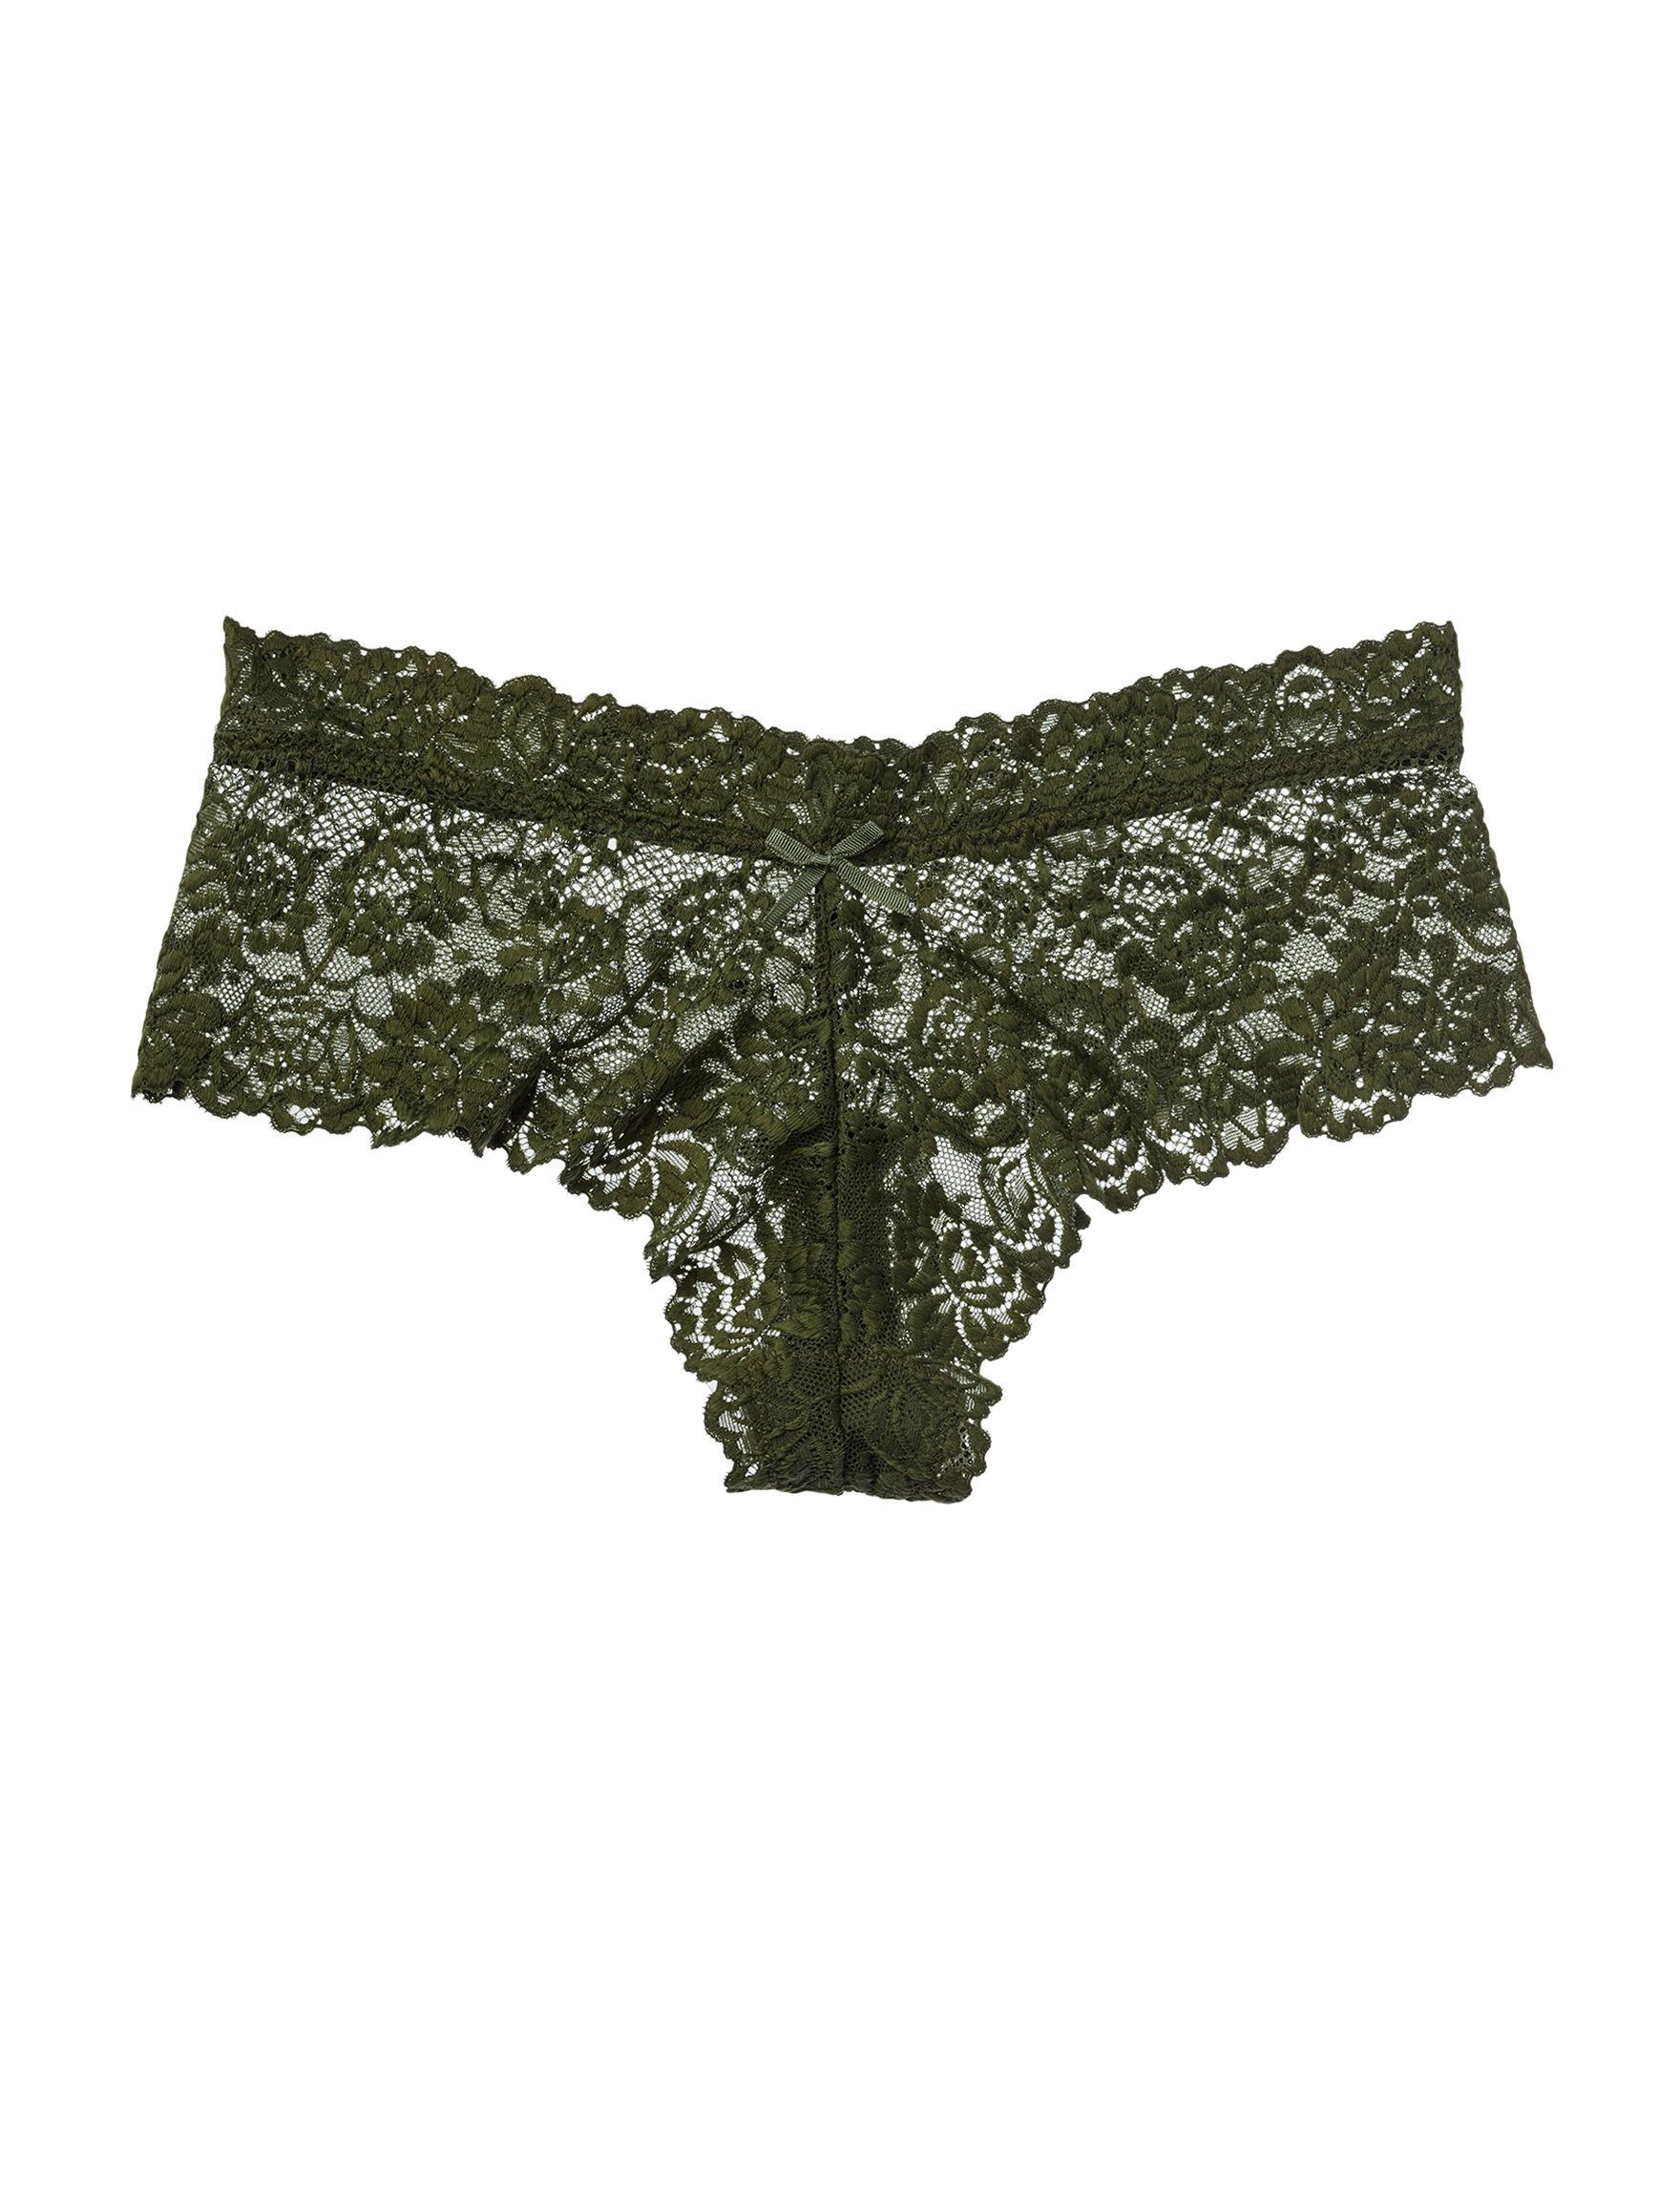 Rene Rofe Green Panties Hipster